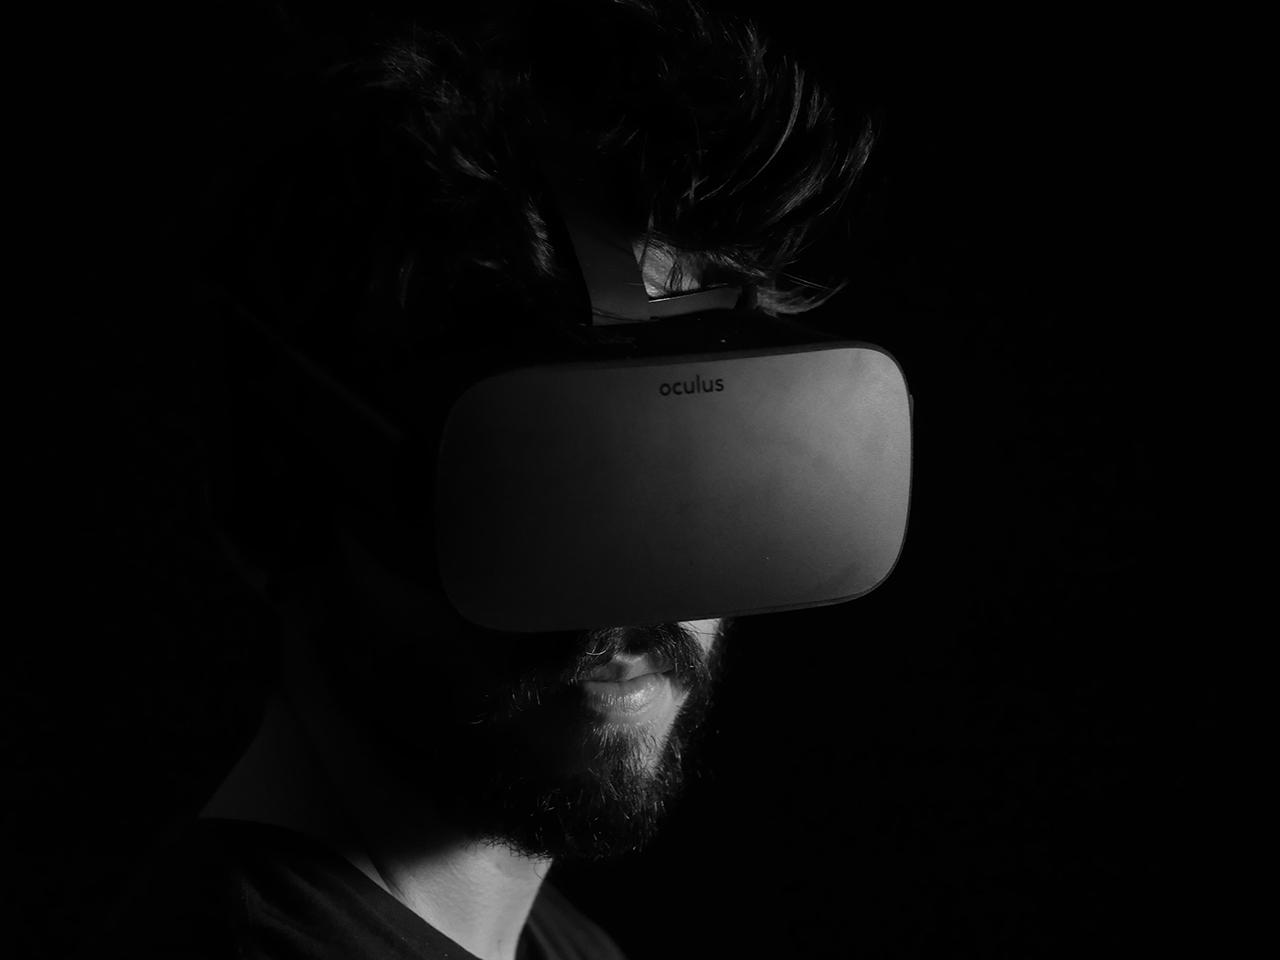 La réalité virtuelle en entreprise - Le 08 avril 2019, les membres du Club Boma France se réunissent pour participer à une grande soirée sur le thème de la réalité virtuelle.Lire la suite